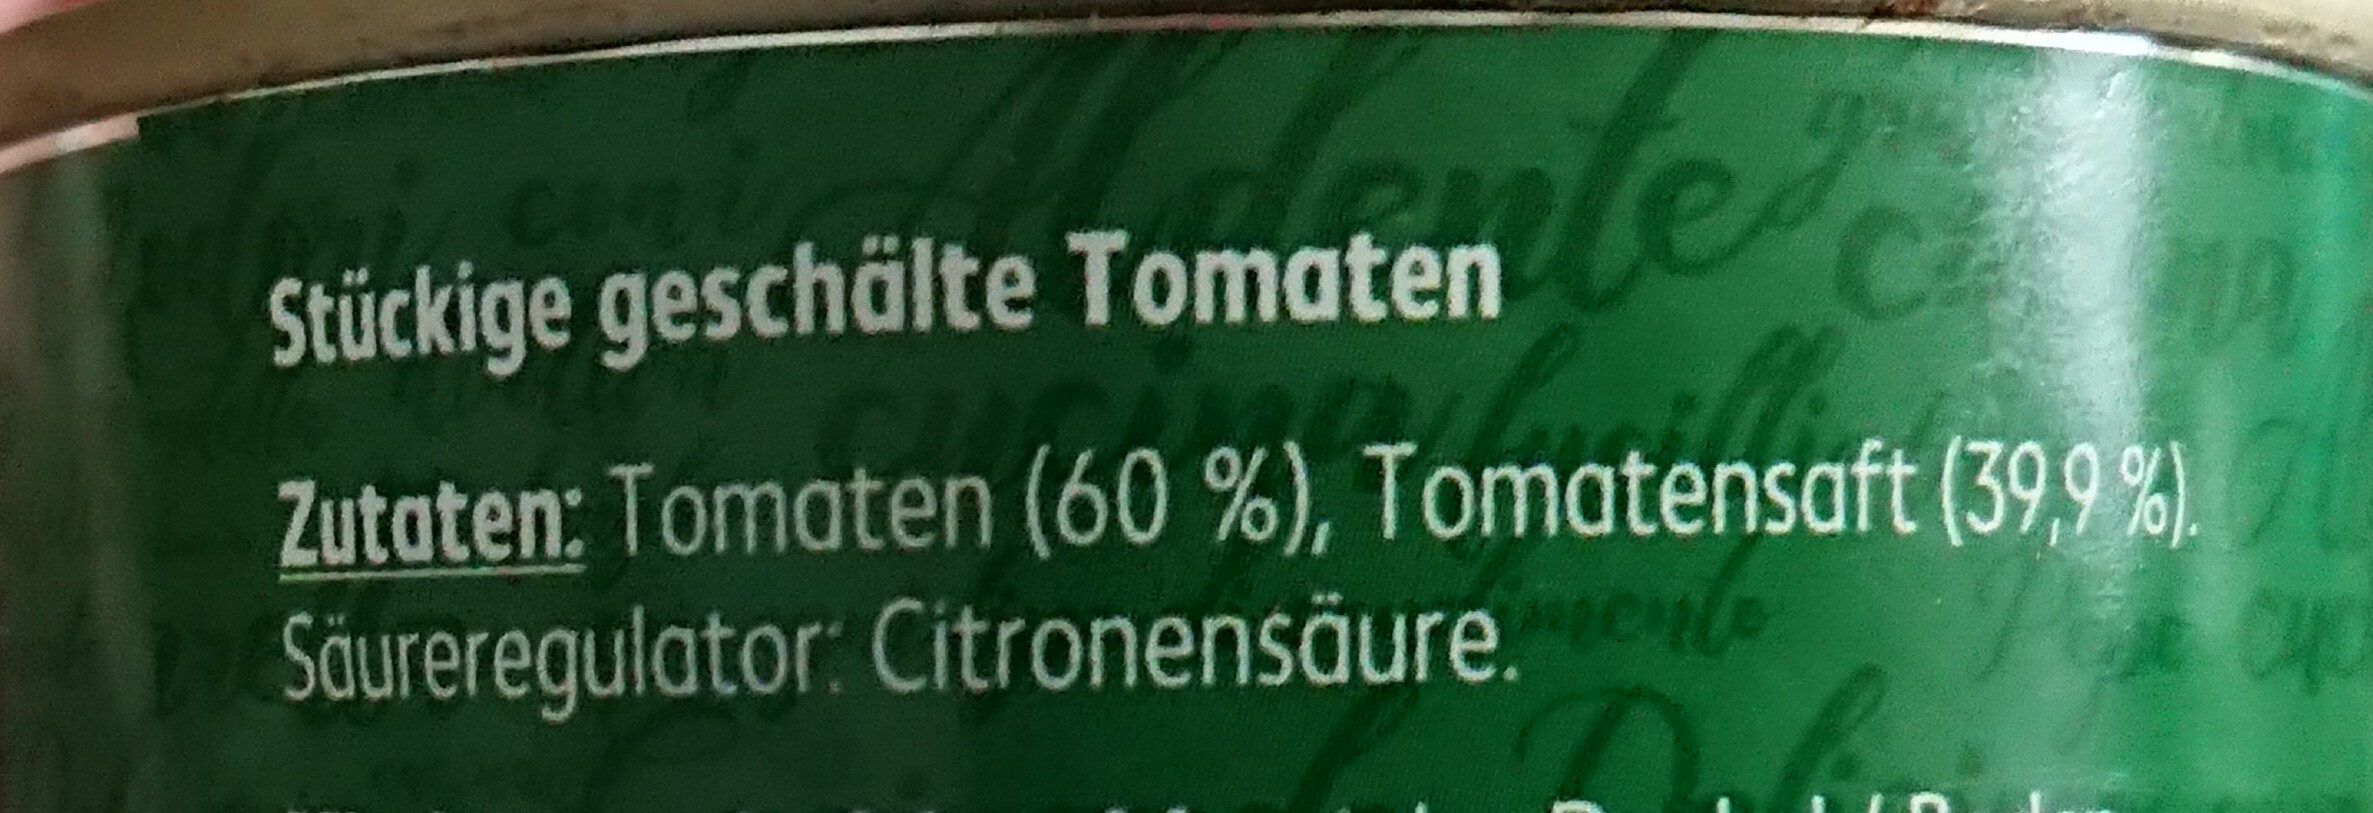 Italienische Tomaten gehackt in Tomatensaft - Ingredients - de